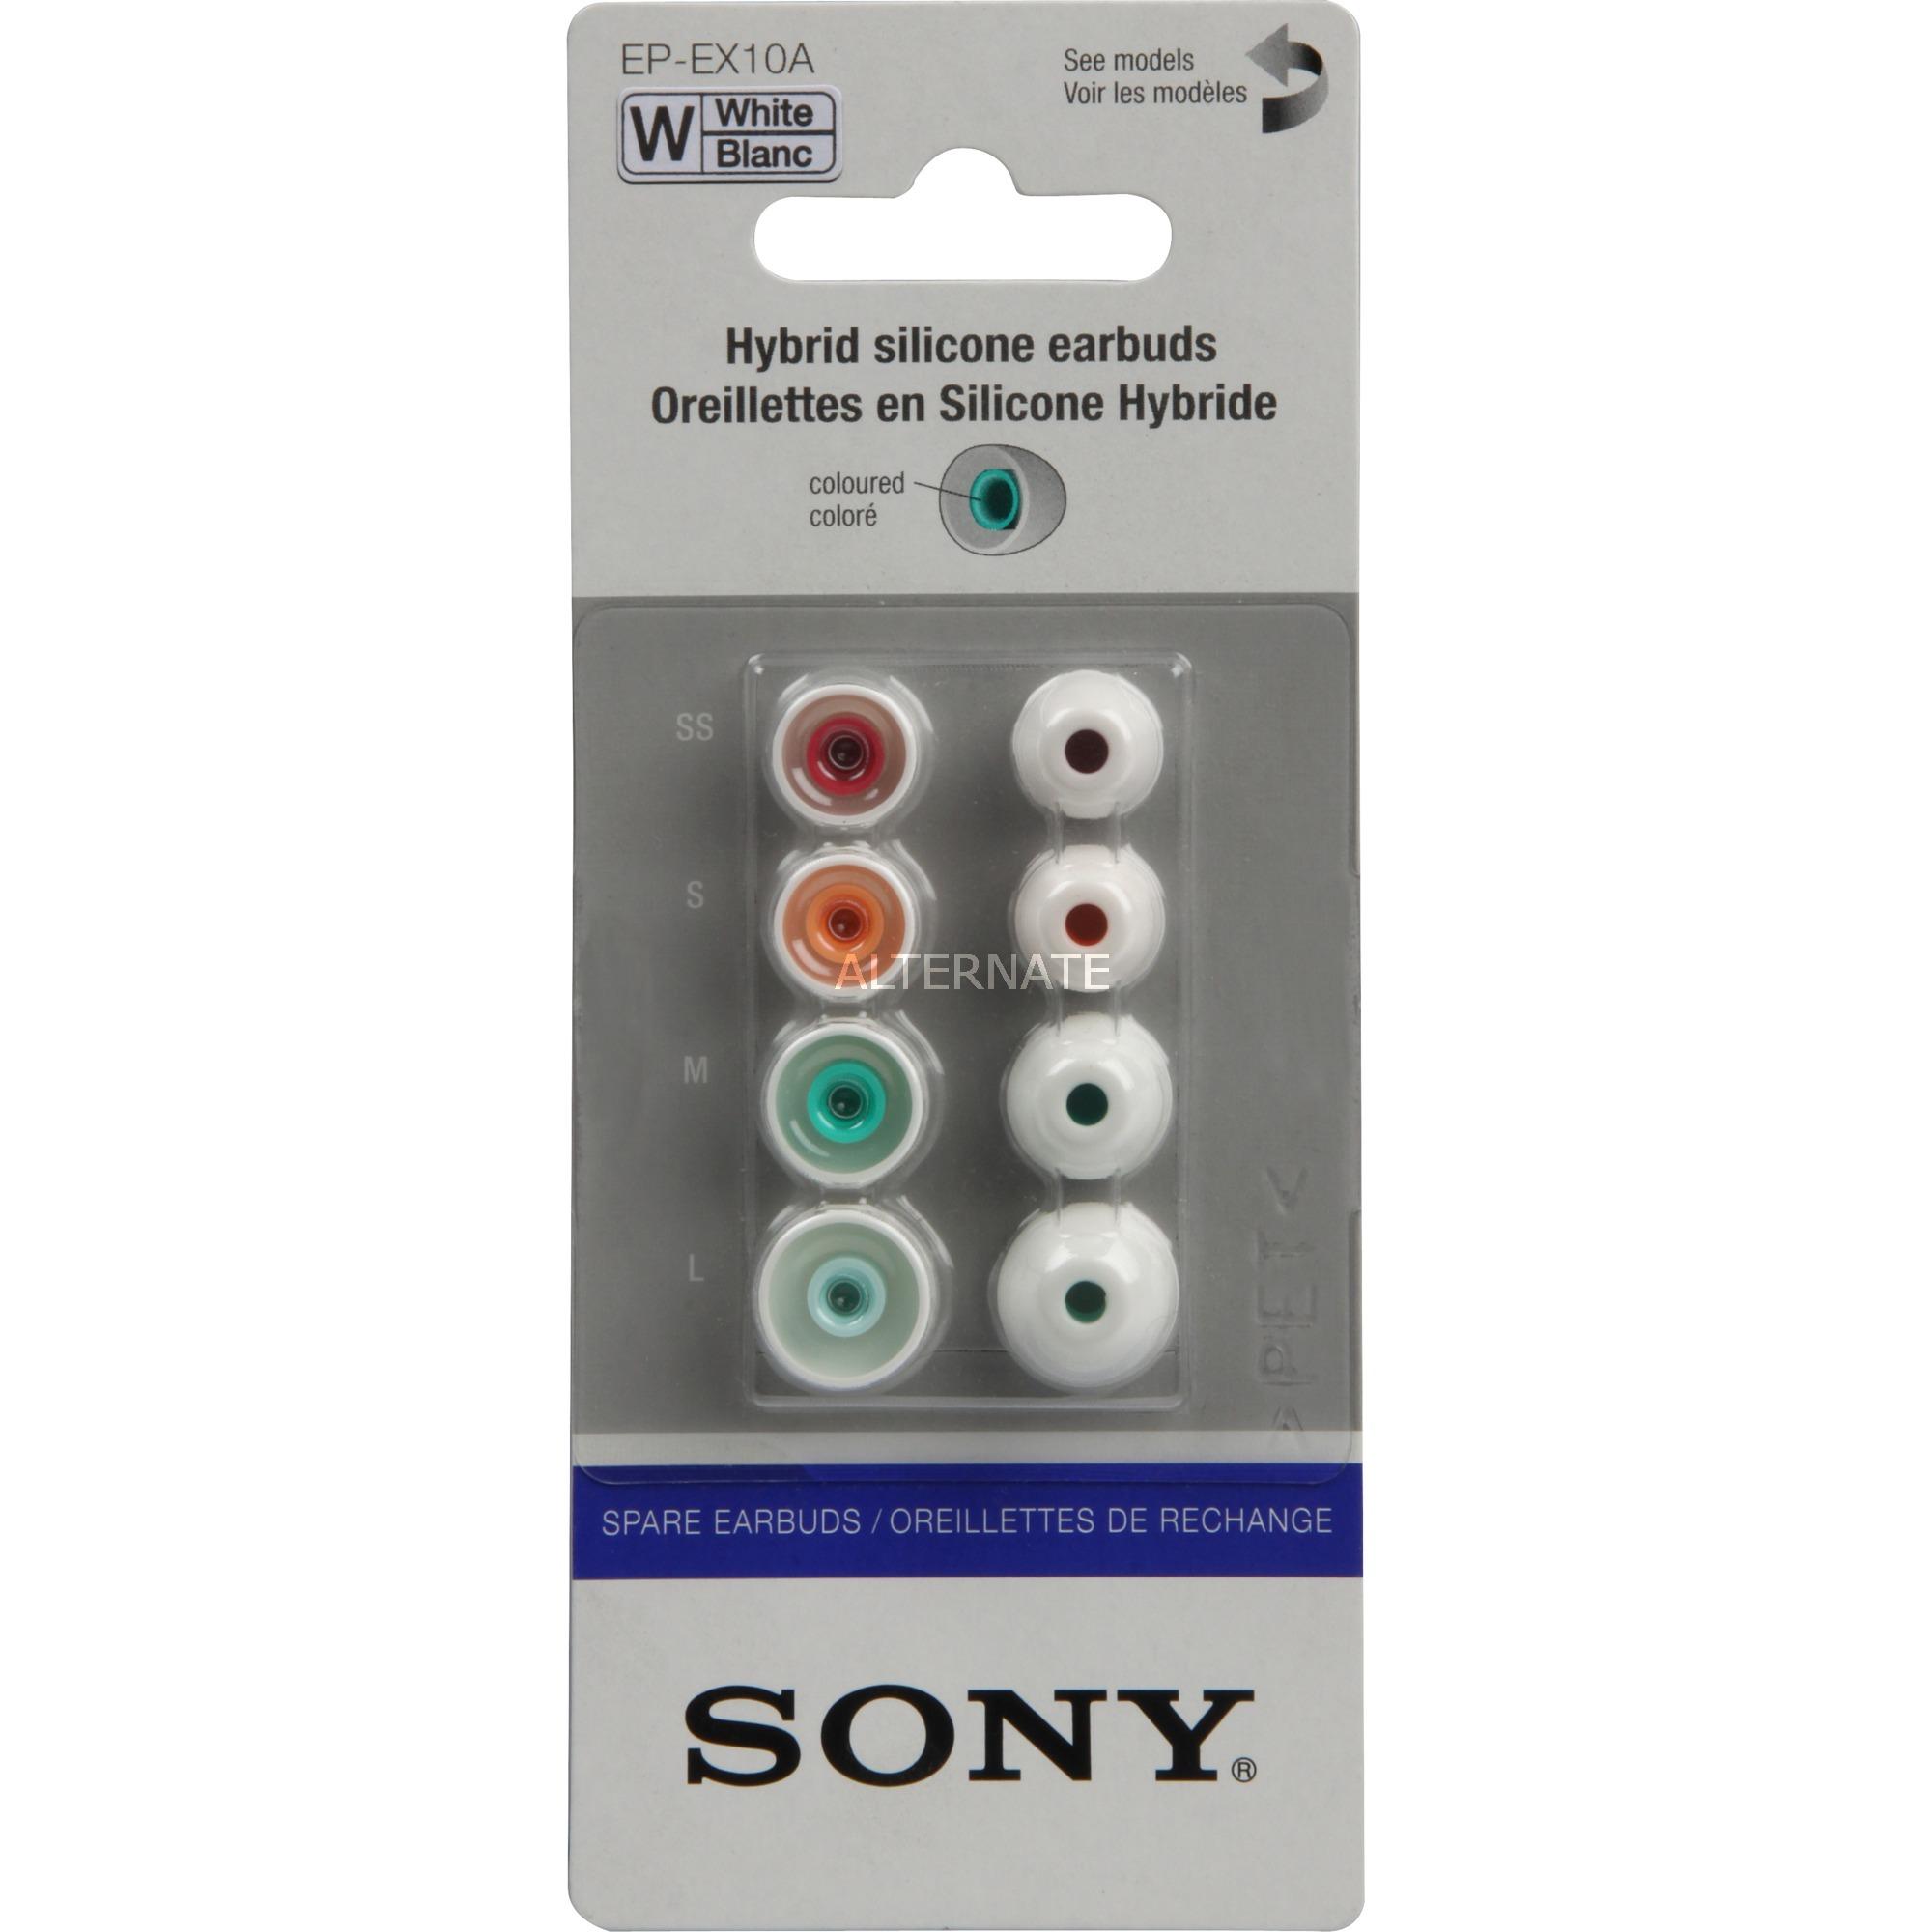 EP-EX10A almohadilla para auriculares Blanco 4 pieza(s), Piezas de repuesto